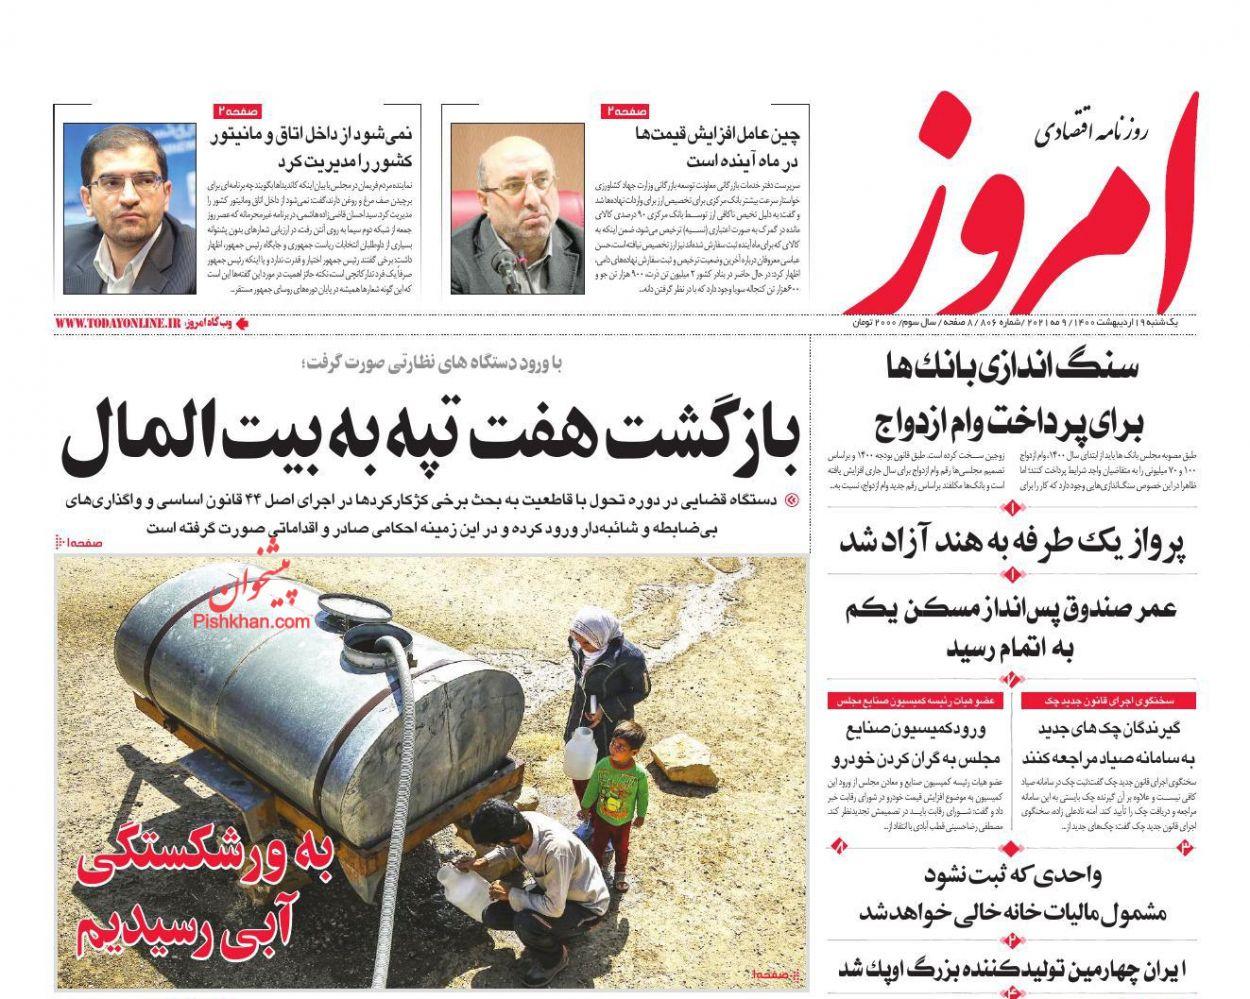 عناوین اخبار روزنامه امروز در روز یکشنبه ۱۹ ارديبهشت